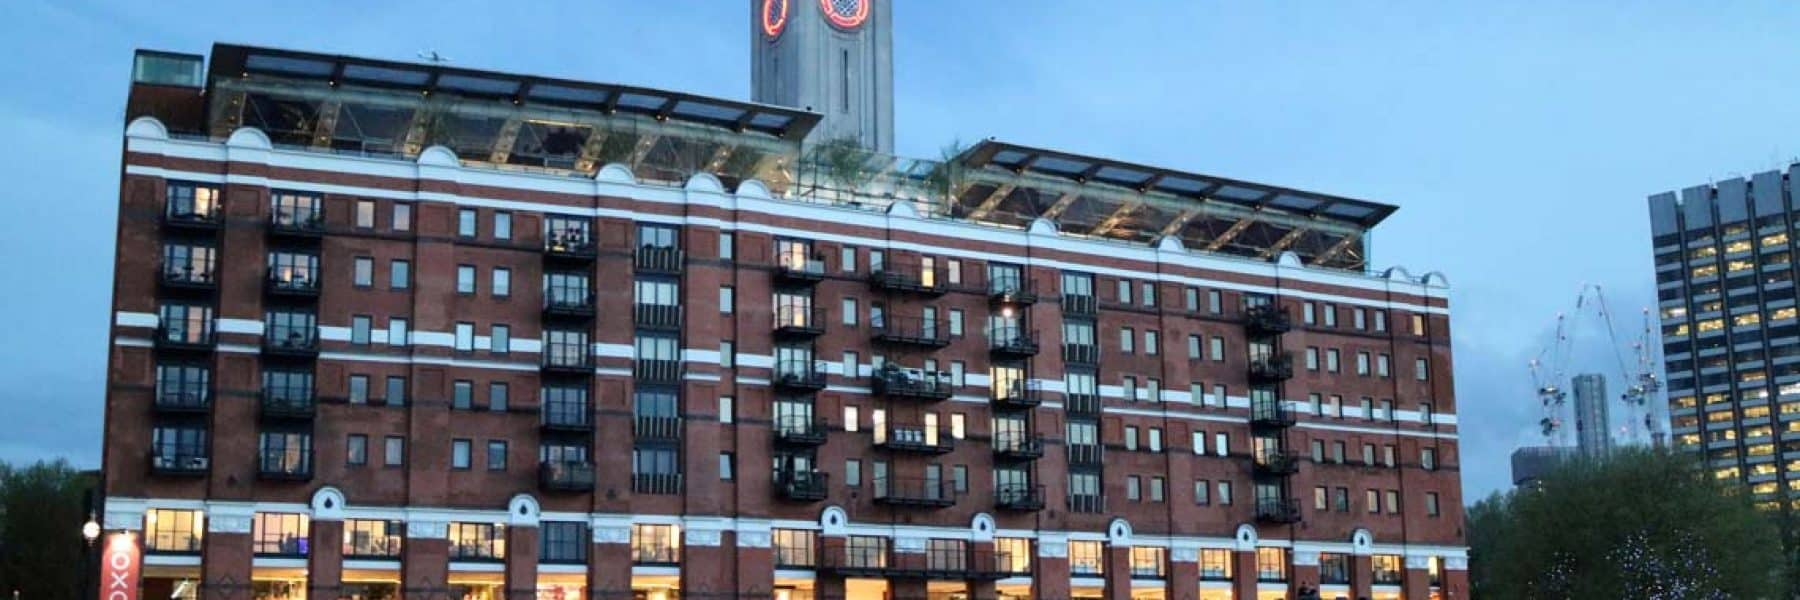 Stamford Wharf (OXO Tower Wharf)